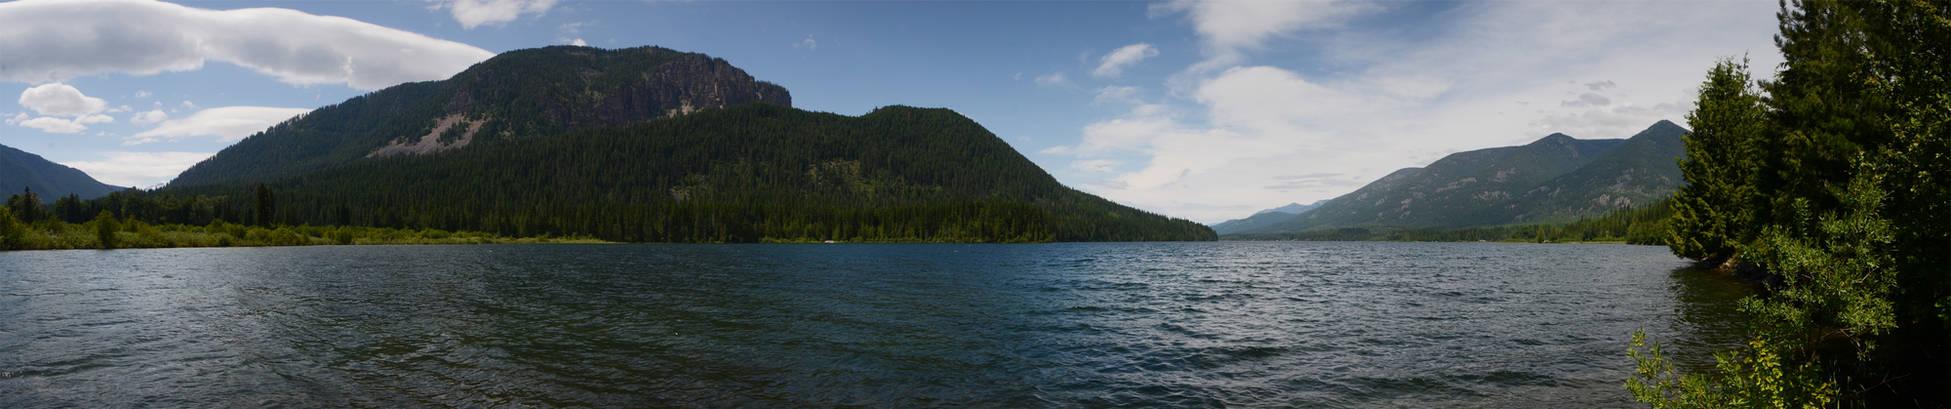 Bull Lake 2012-06-25 3